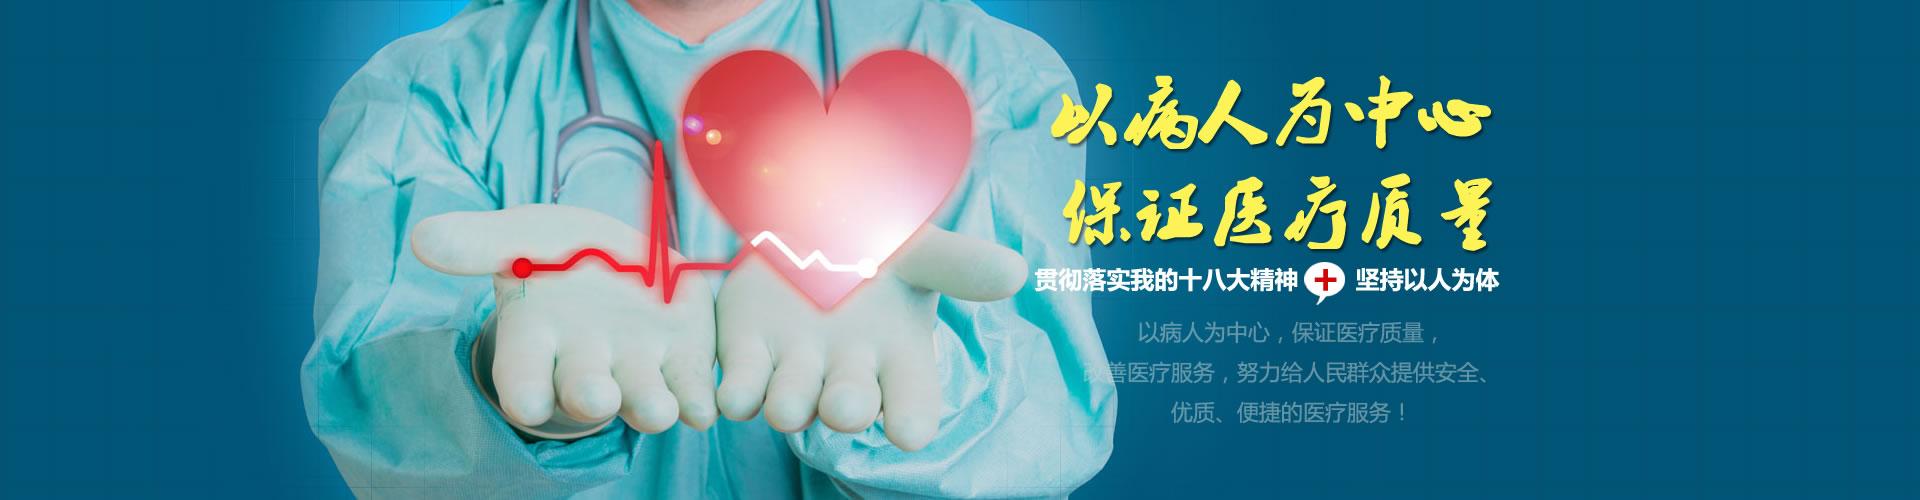 内蒙古泌尿外科医院